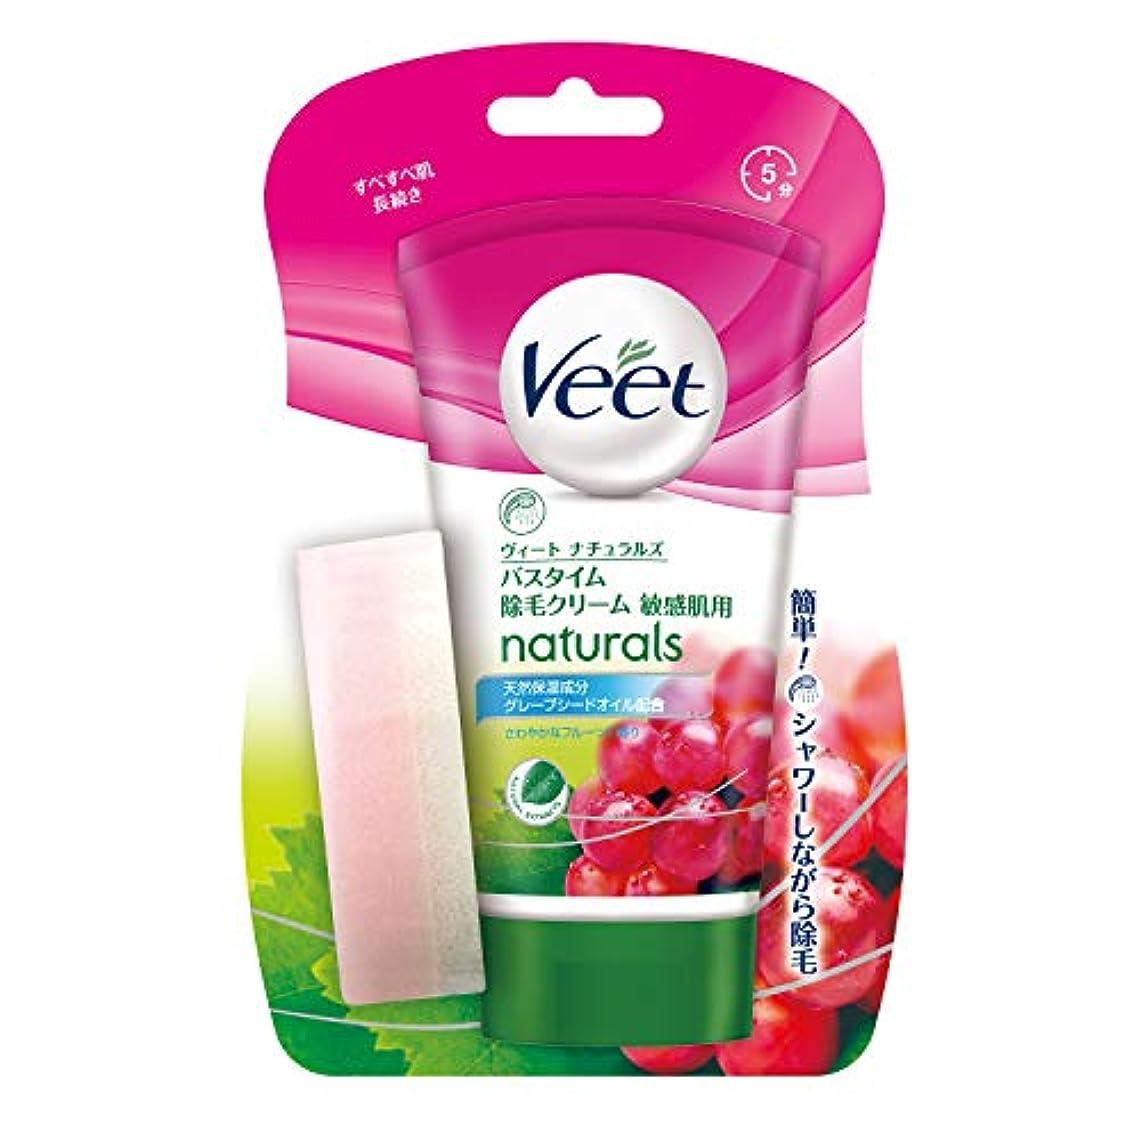 技術以内に貢献するヴィート バスタイムセン用 除毛クリーム 敏感肌用 150g (Veet Naturals In Shower Hair Removal Cream  Sensitive 150g)